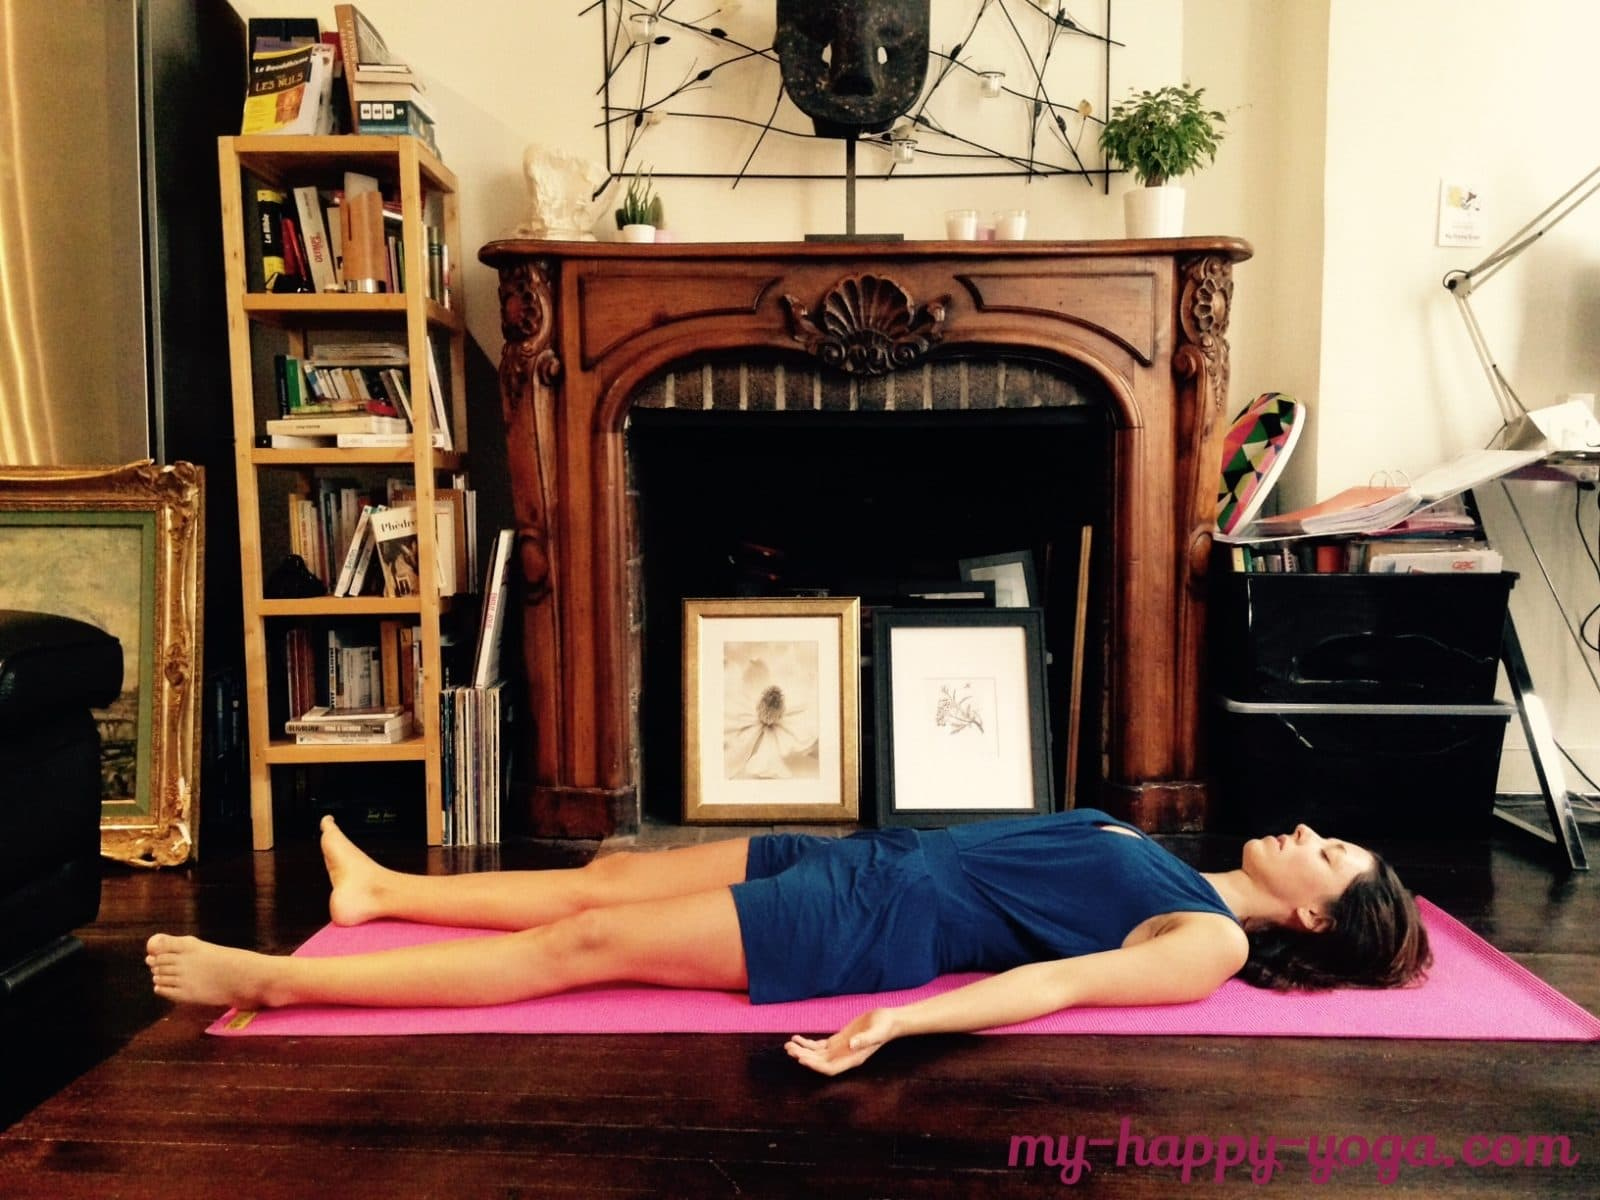 la posture de yoga la plus difficile au monde: savasana